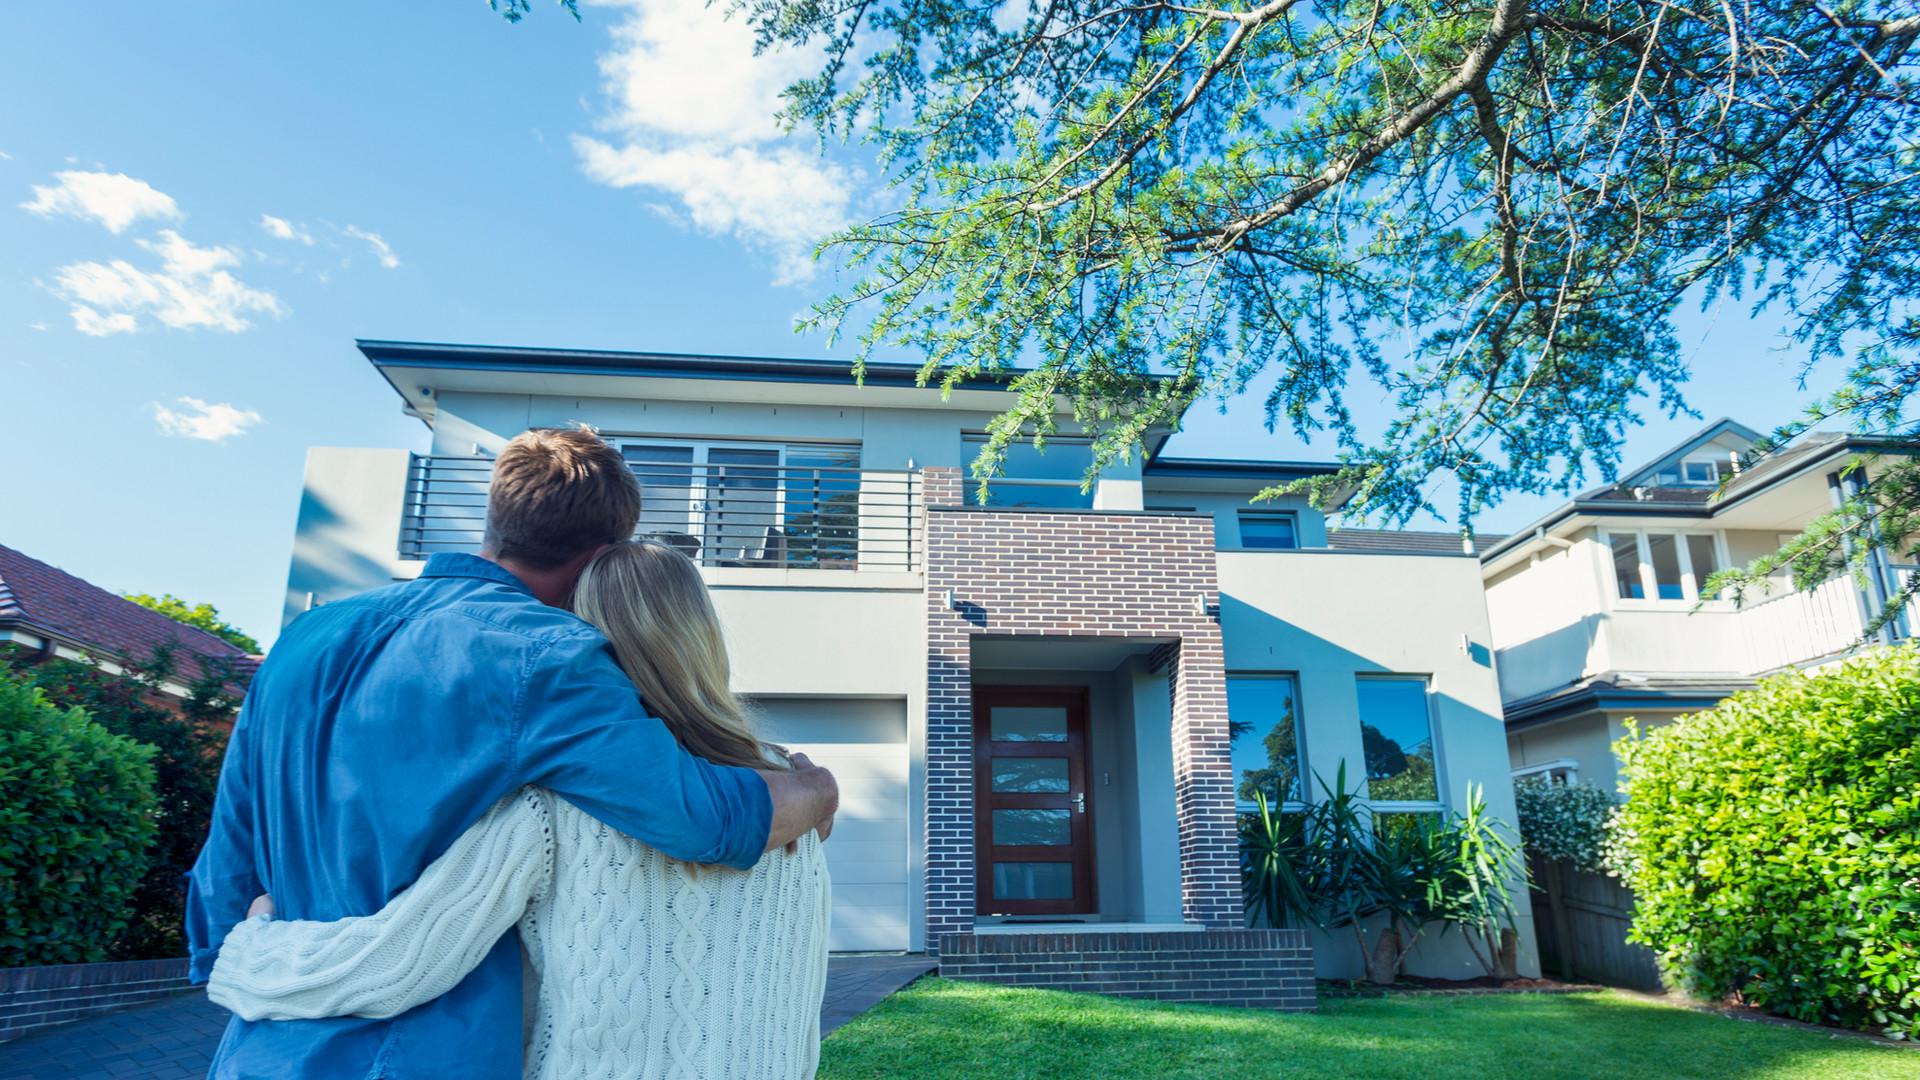 Asunnon myynti helposti ja vaivattomasti